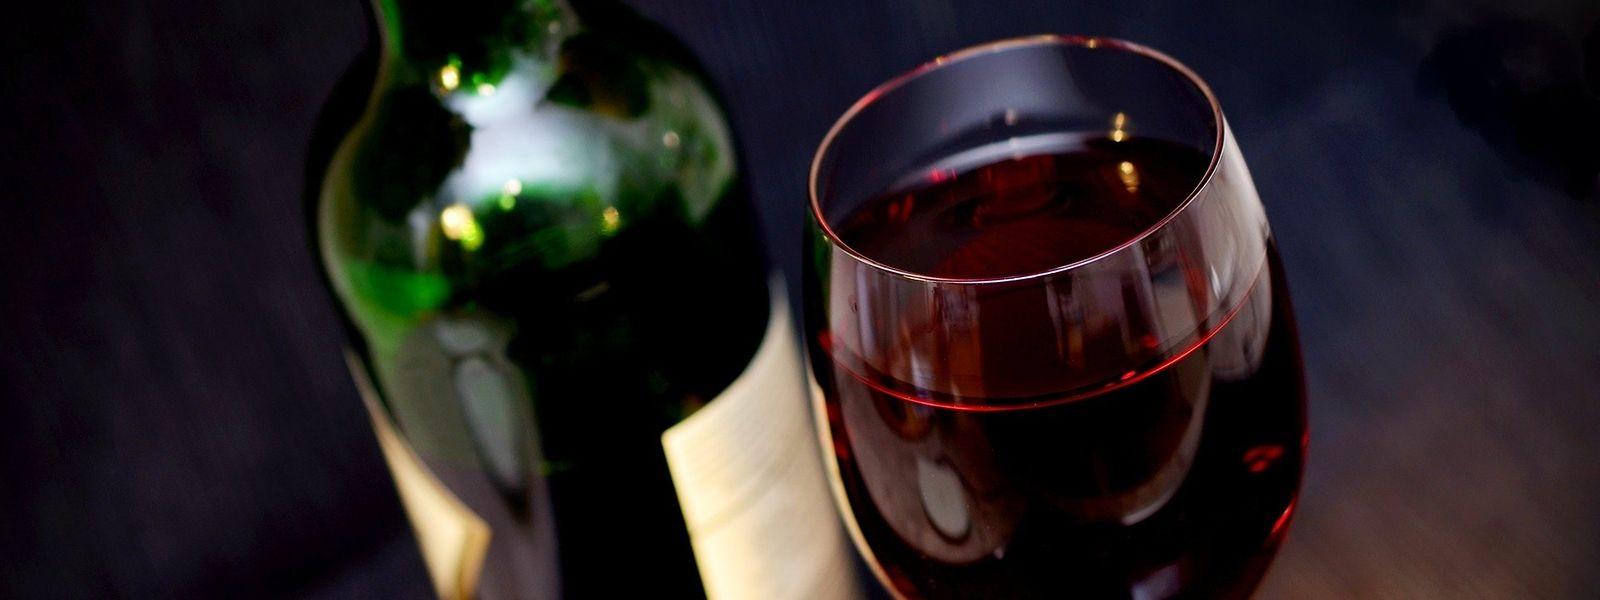 En 2020, le Portugal a produit  6,5 millions d'hectolitres de vins. Maintenant, il faut les vendre...